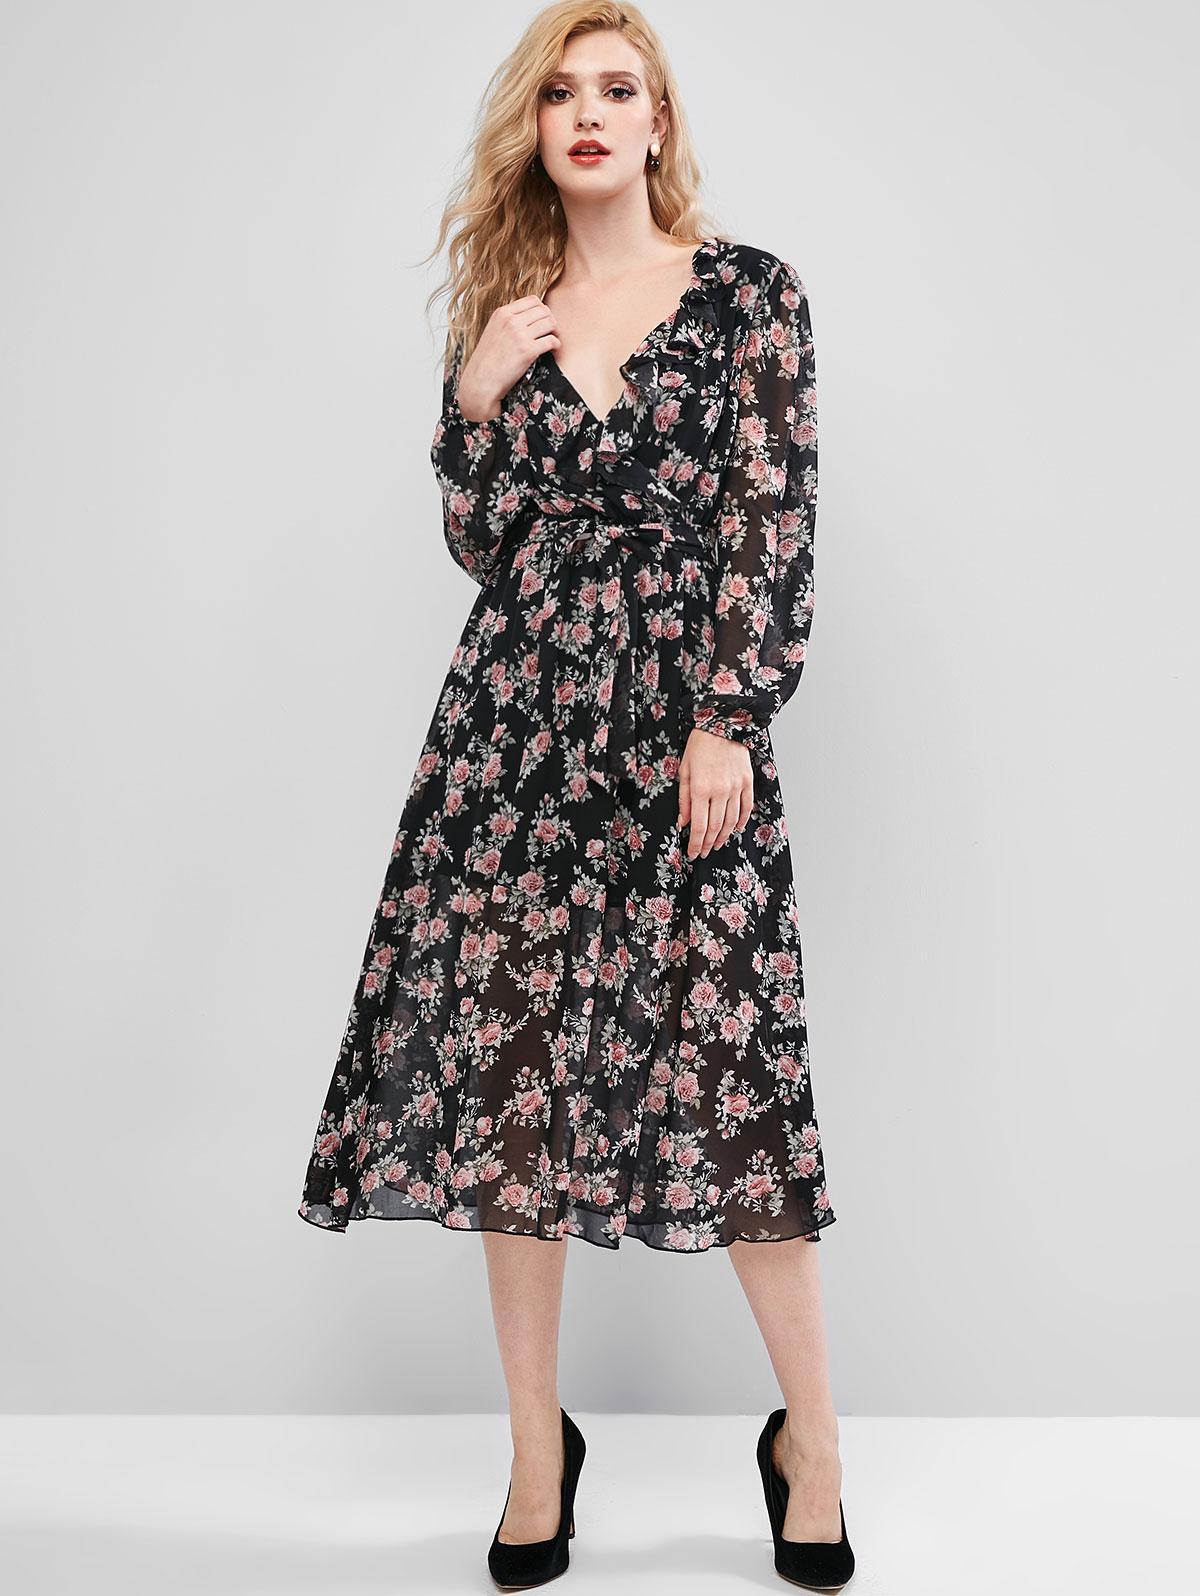 ZAFUL Long Sleeve Floral Belted Ruffles Surplice Dress фото